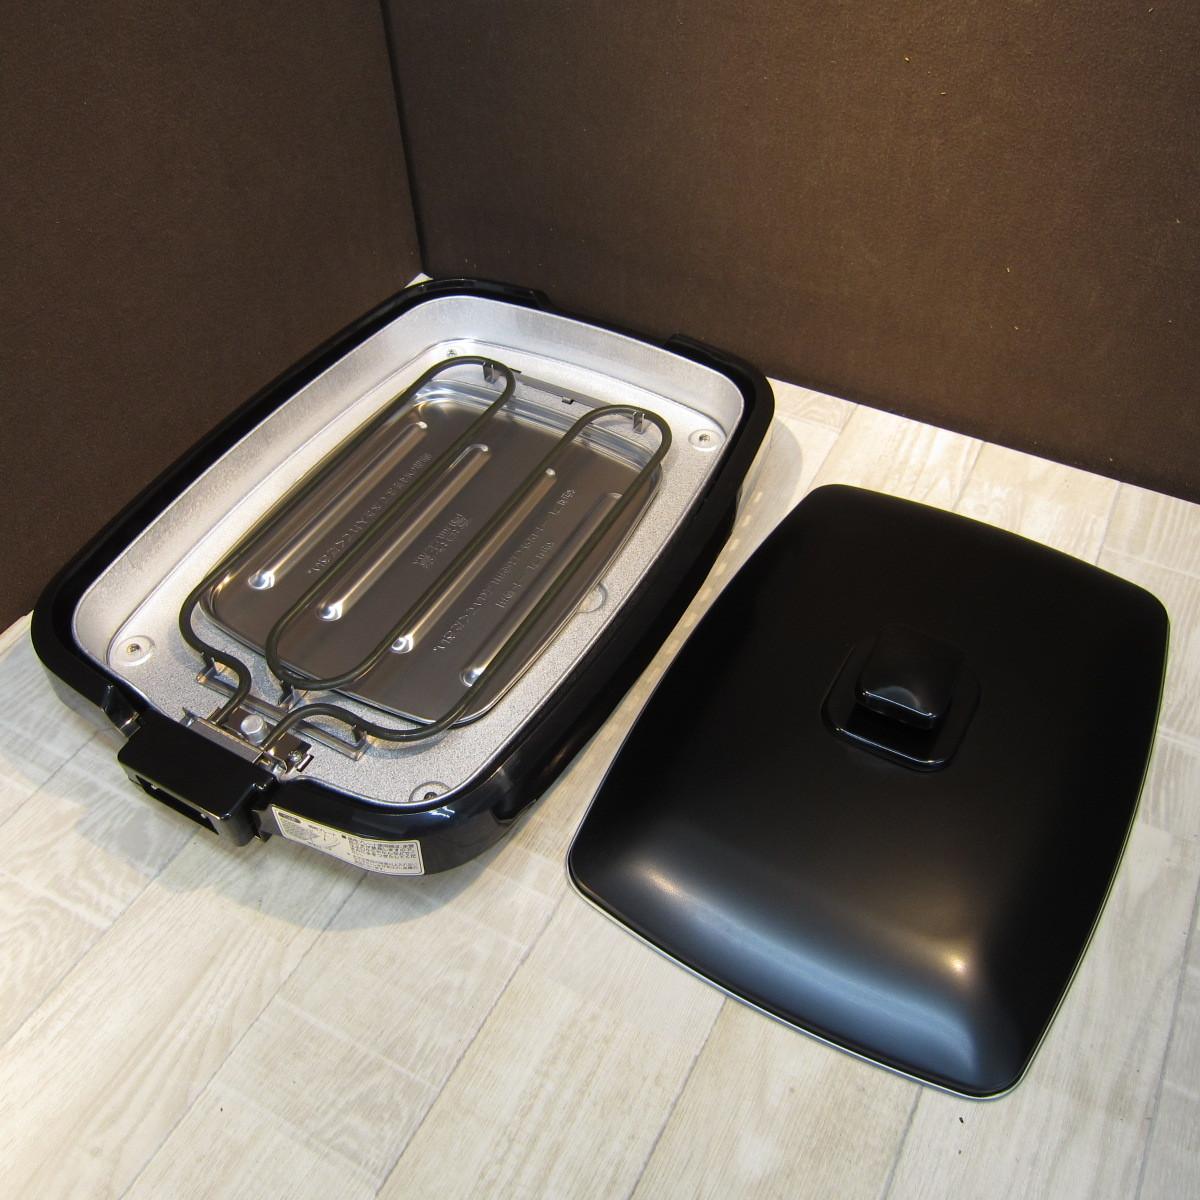 S6080【未使用】アイリスオーヤマ ホットプレート たこ焼き 焼肉 平面 プレート 3枚 網焼き 蓋付き ブラック APA-137-B_画像7